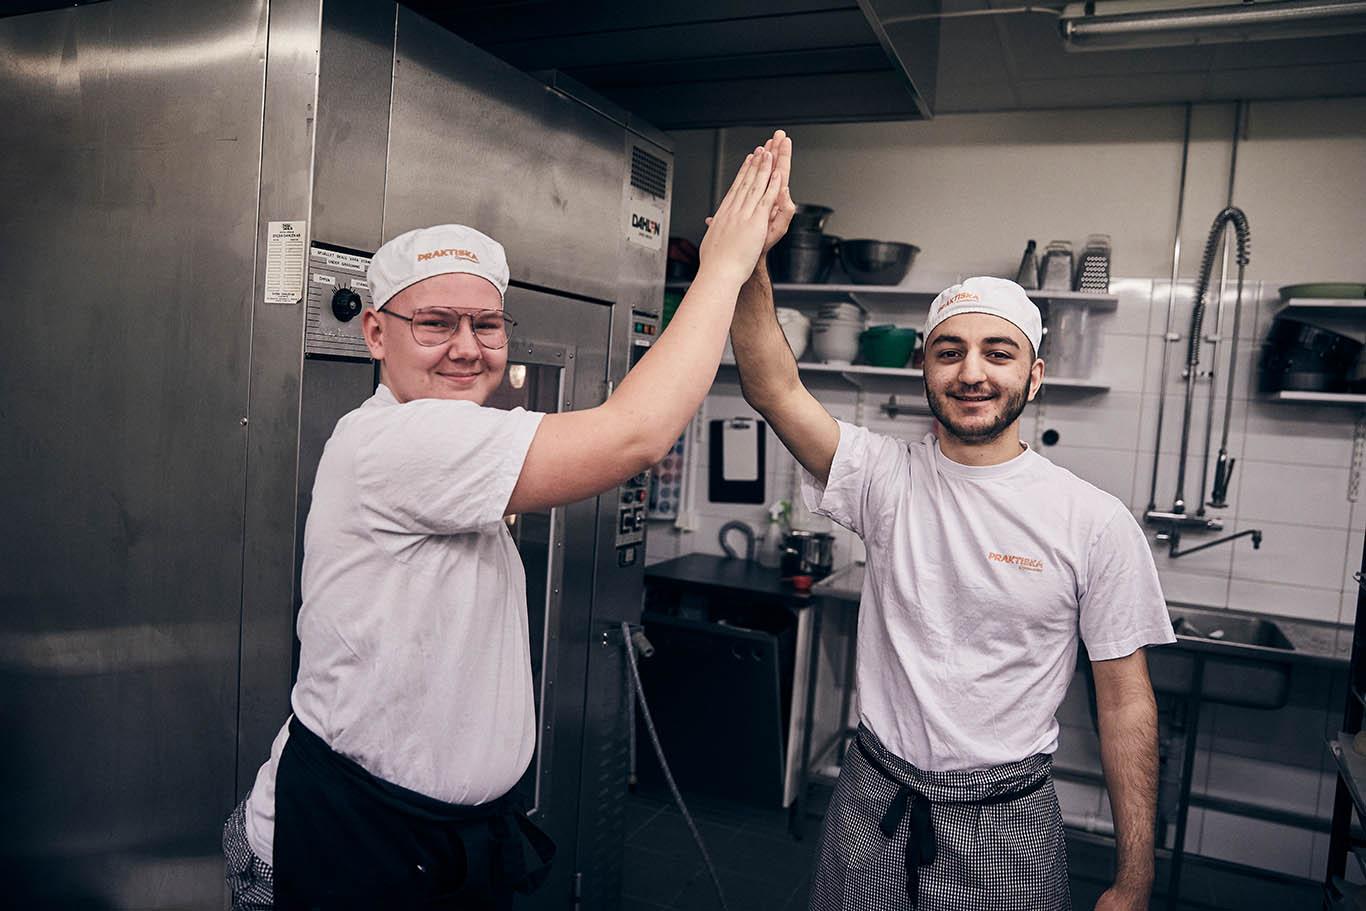 Två killar i restaurangkök gör high-five